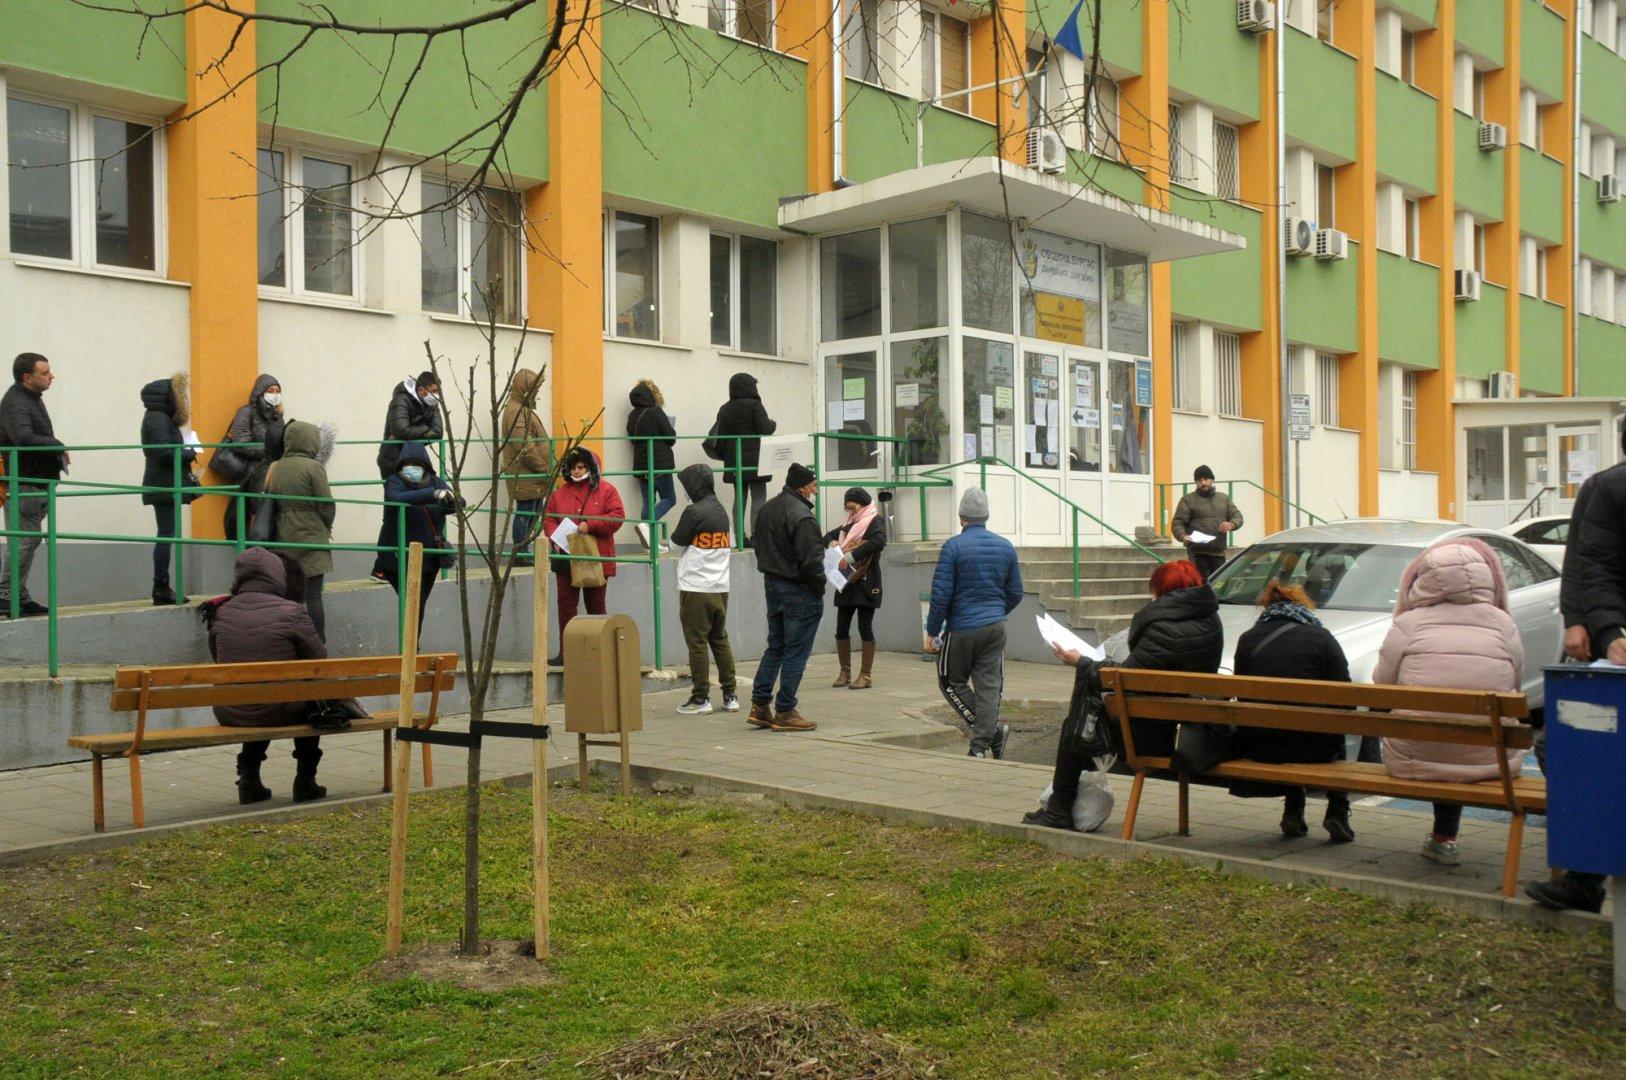 Въпреки призива на Регионалната служба по заетост да се използват електронните услуги, опашки от безработни се извиват ежедневно пред агенцията в Бургас. От началото на въвеждането на извънредното положение заради COVID-19, броят на безработните непрекъснато расте. Снимки Черноморие-бг